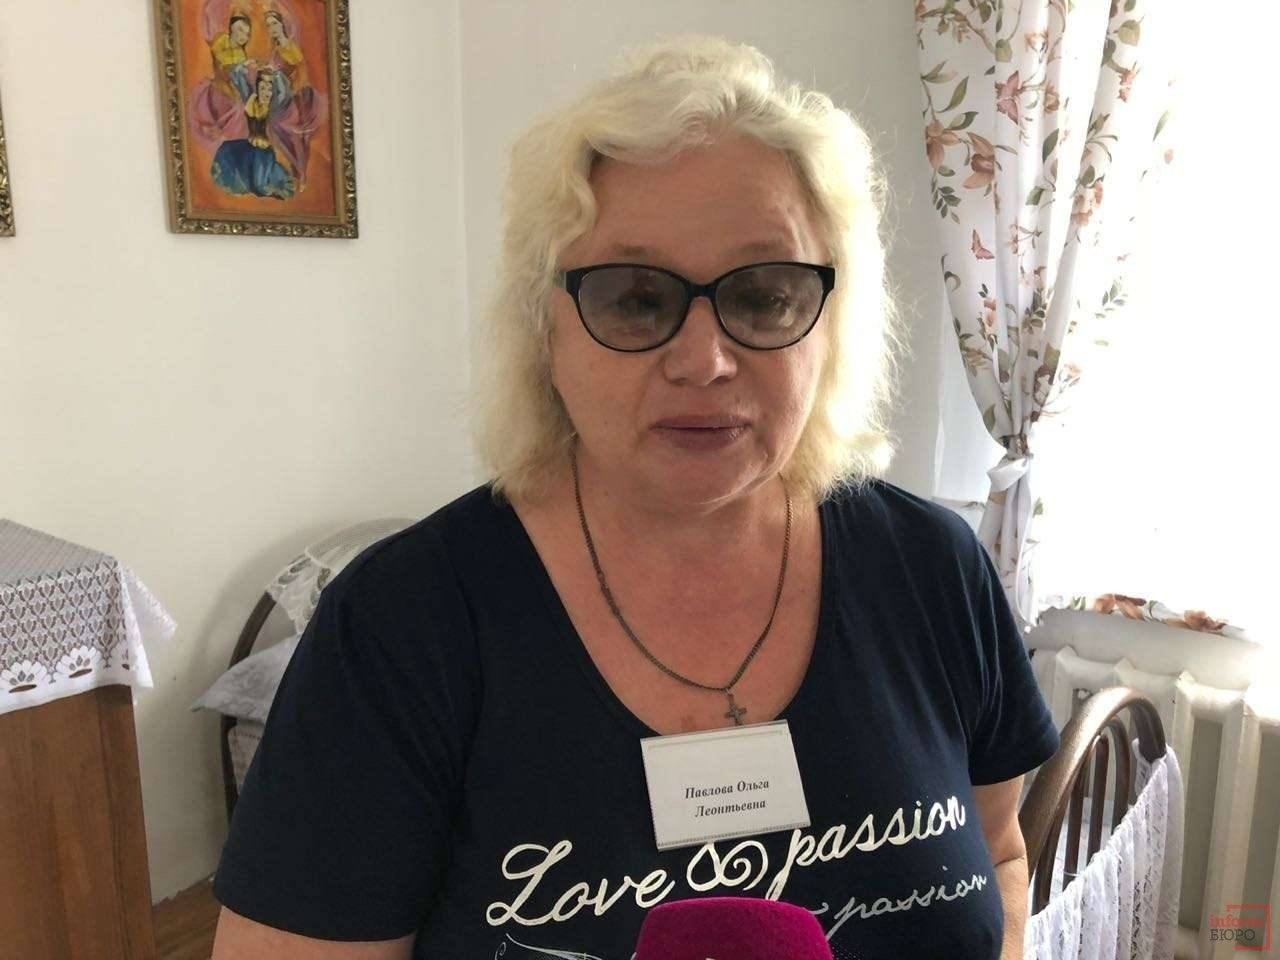 Пенсионер Ольга Павлова